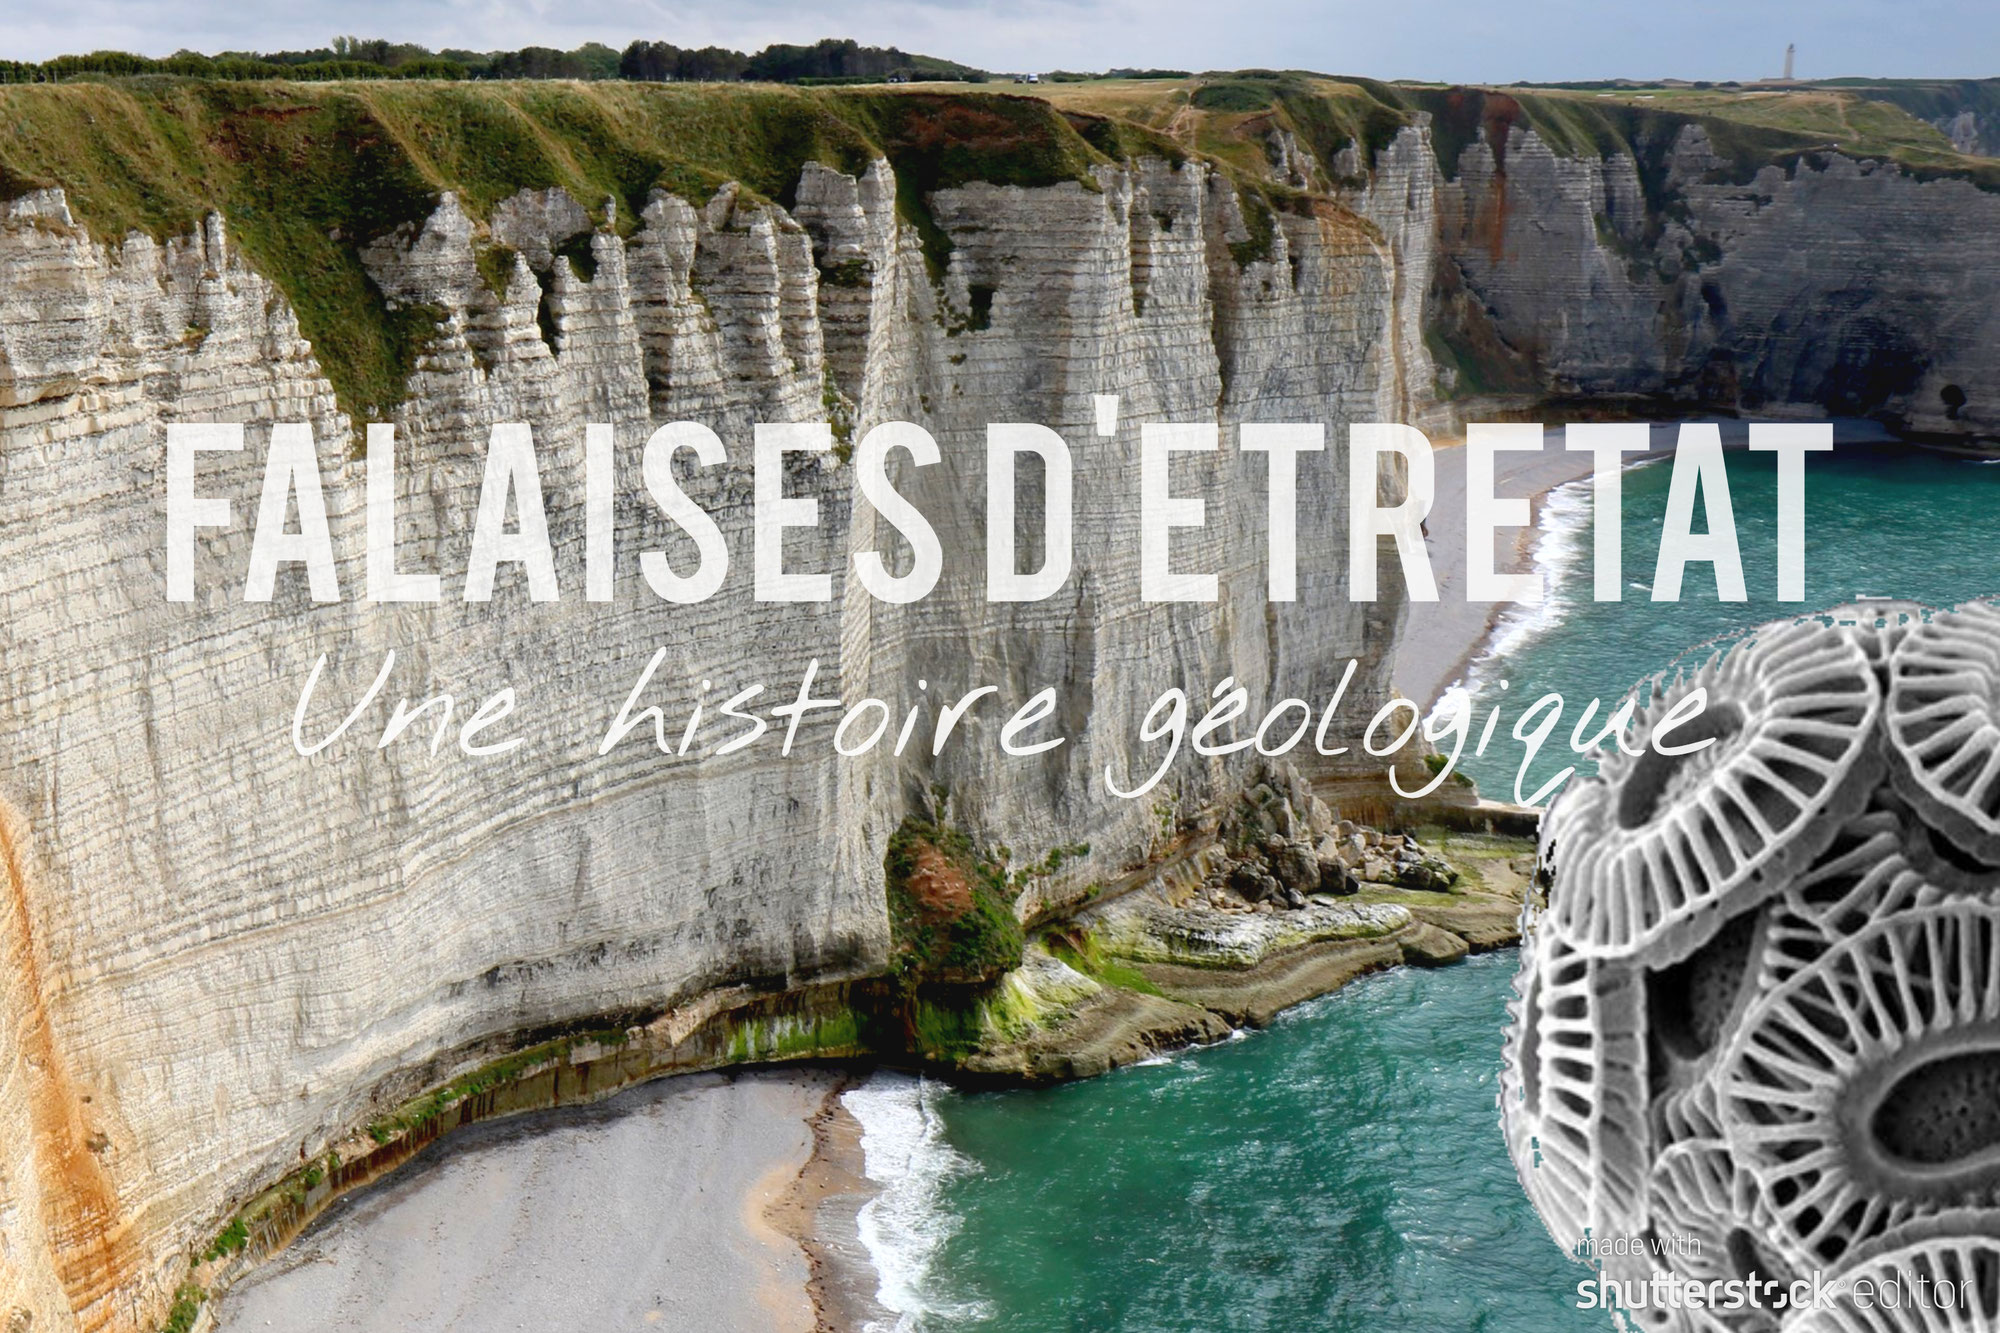 Falaises d'Etretat, une histoire géologique